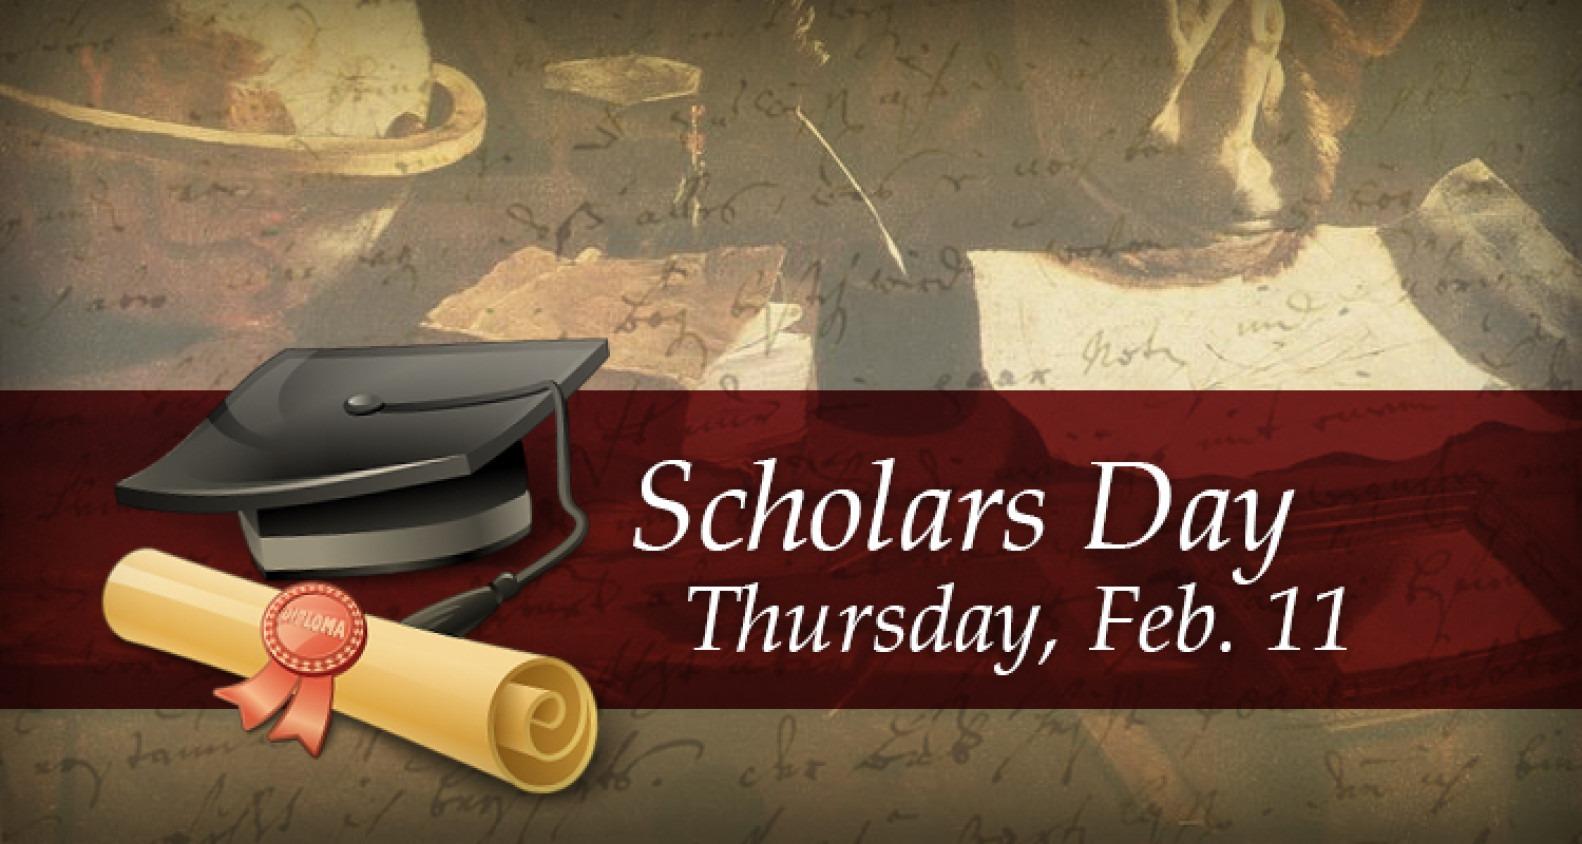 Scholars Day | Thursday, Feb. 11